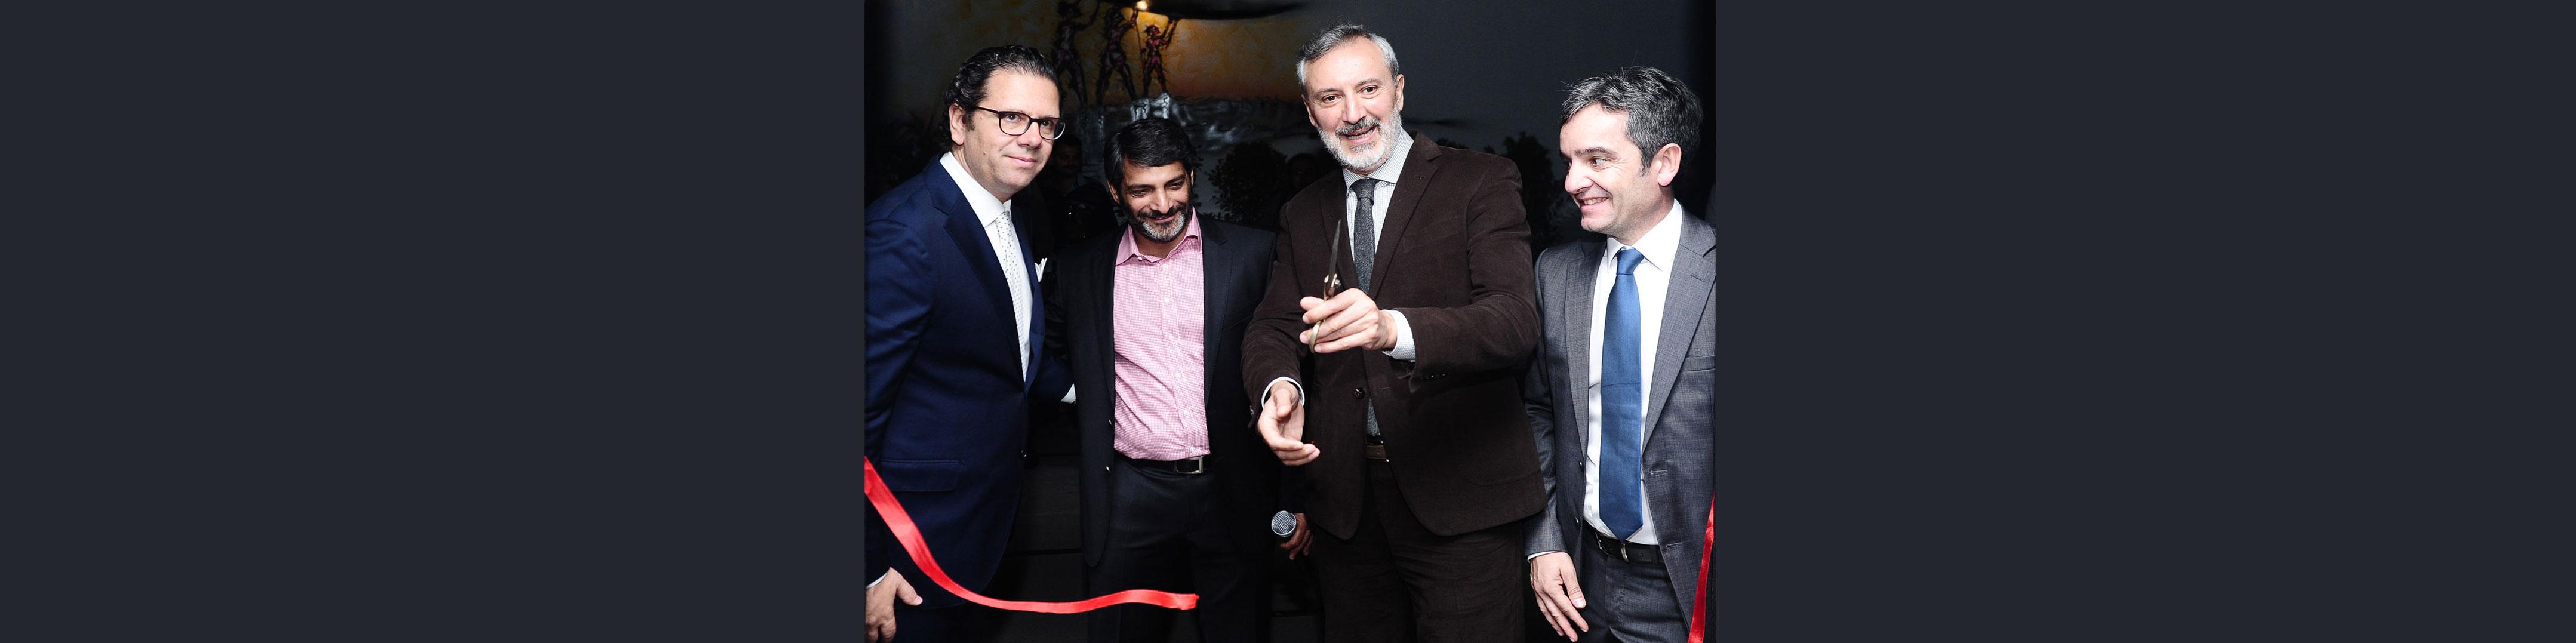 iGuzzini inaugurates The Light Experience in India